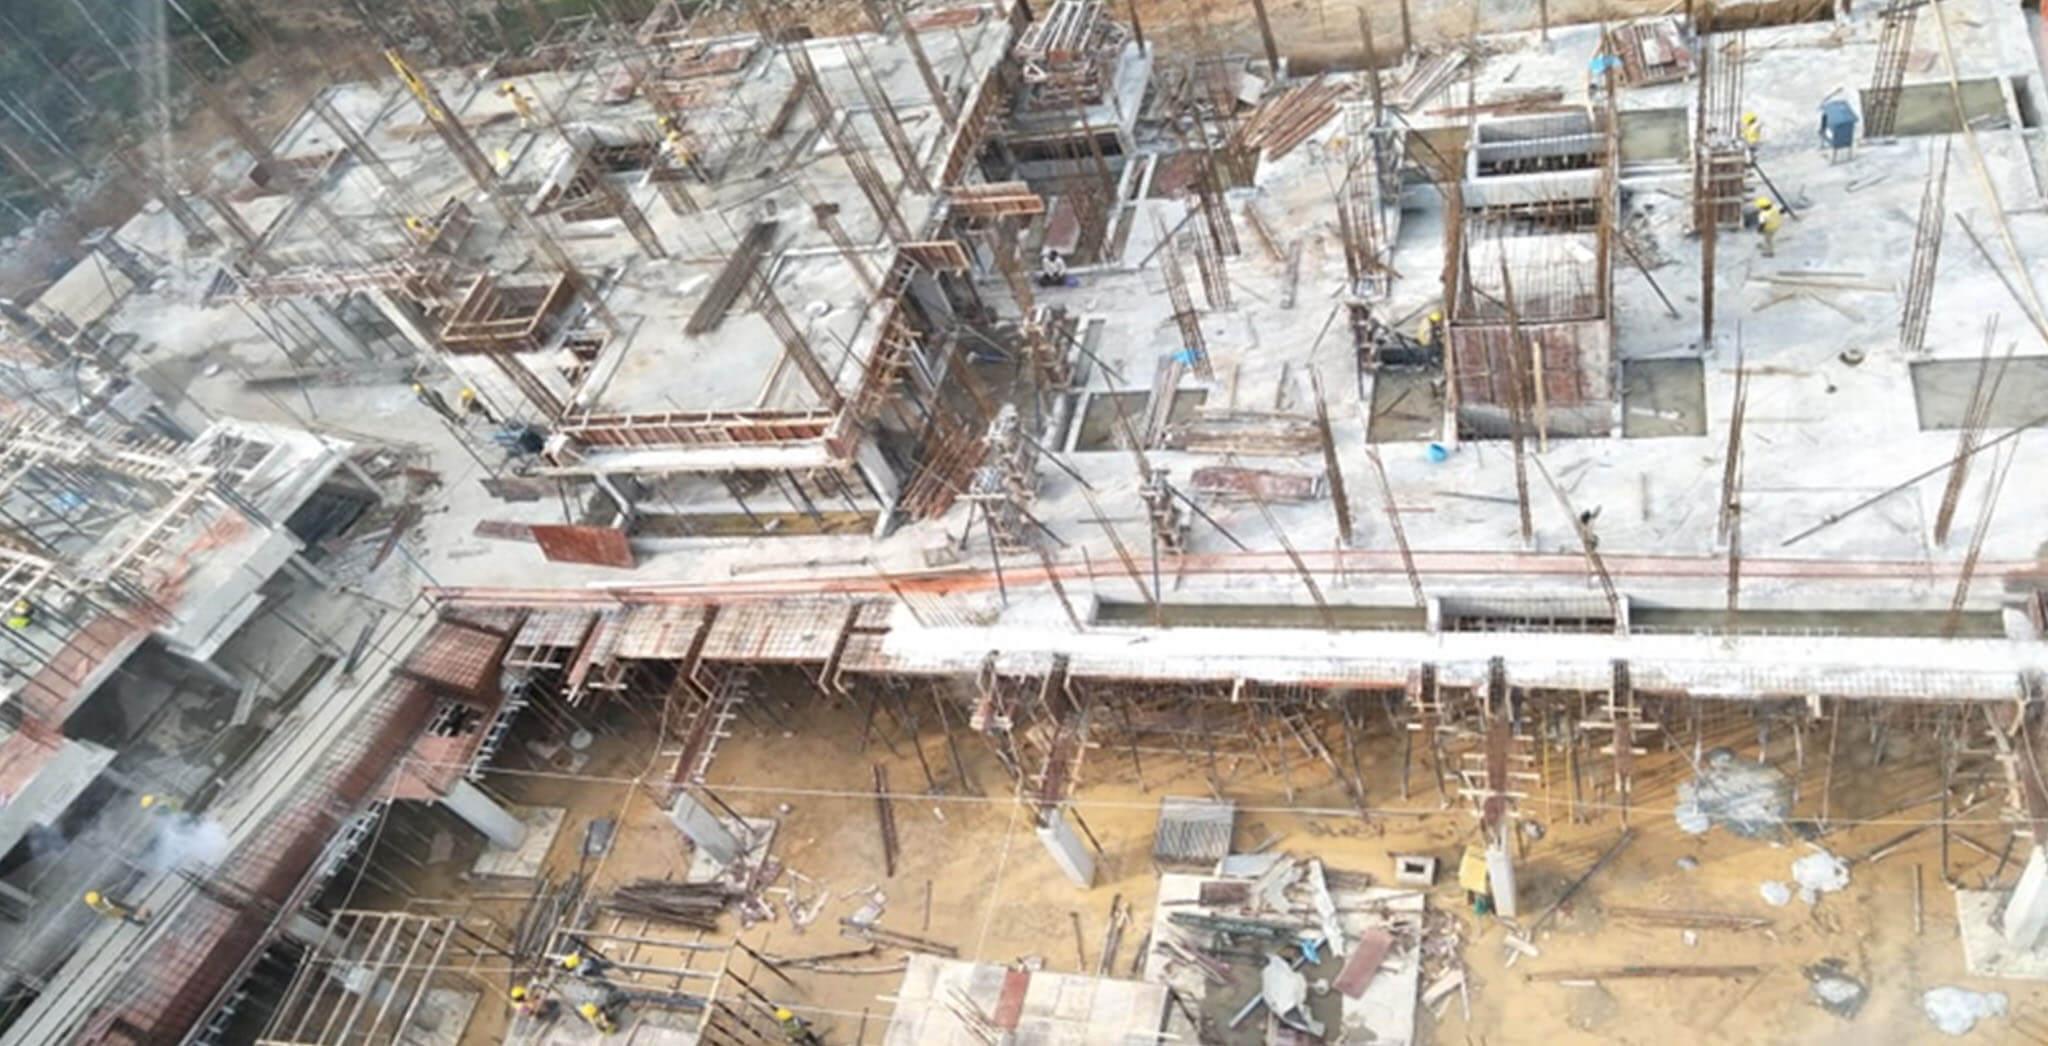 Oct 2019 - M, N, & P Blocks: Ground floor completed; M, N Blocks: first floor completed